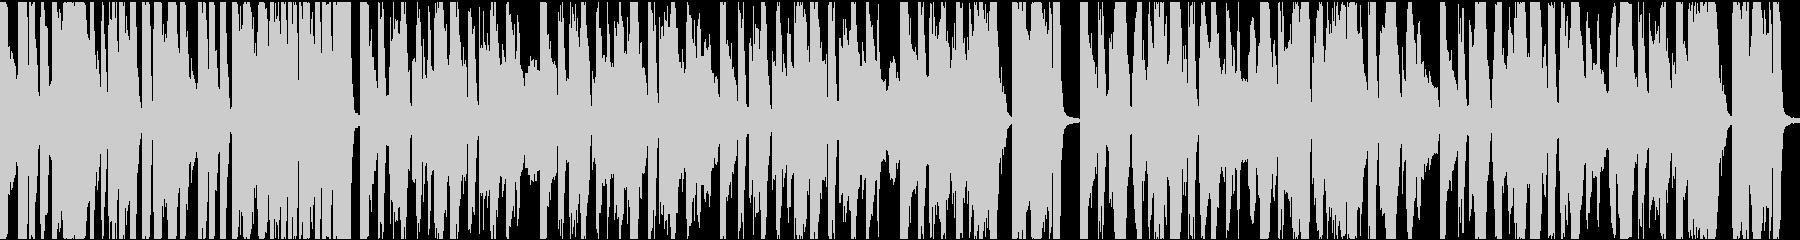 9秒でサビ、インパクトイケイケ/ループの未再生の波形